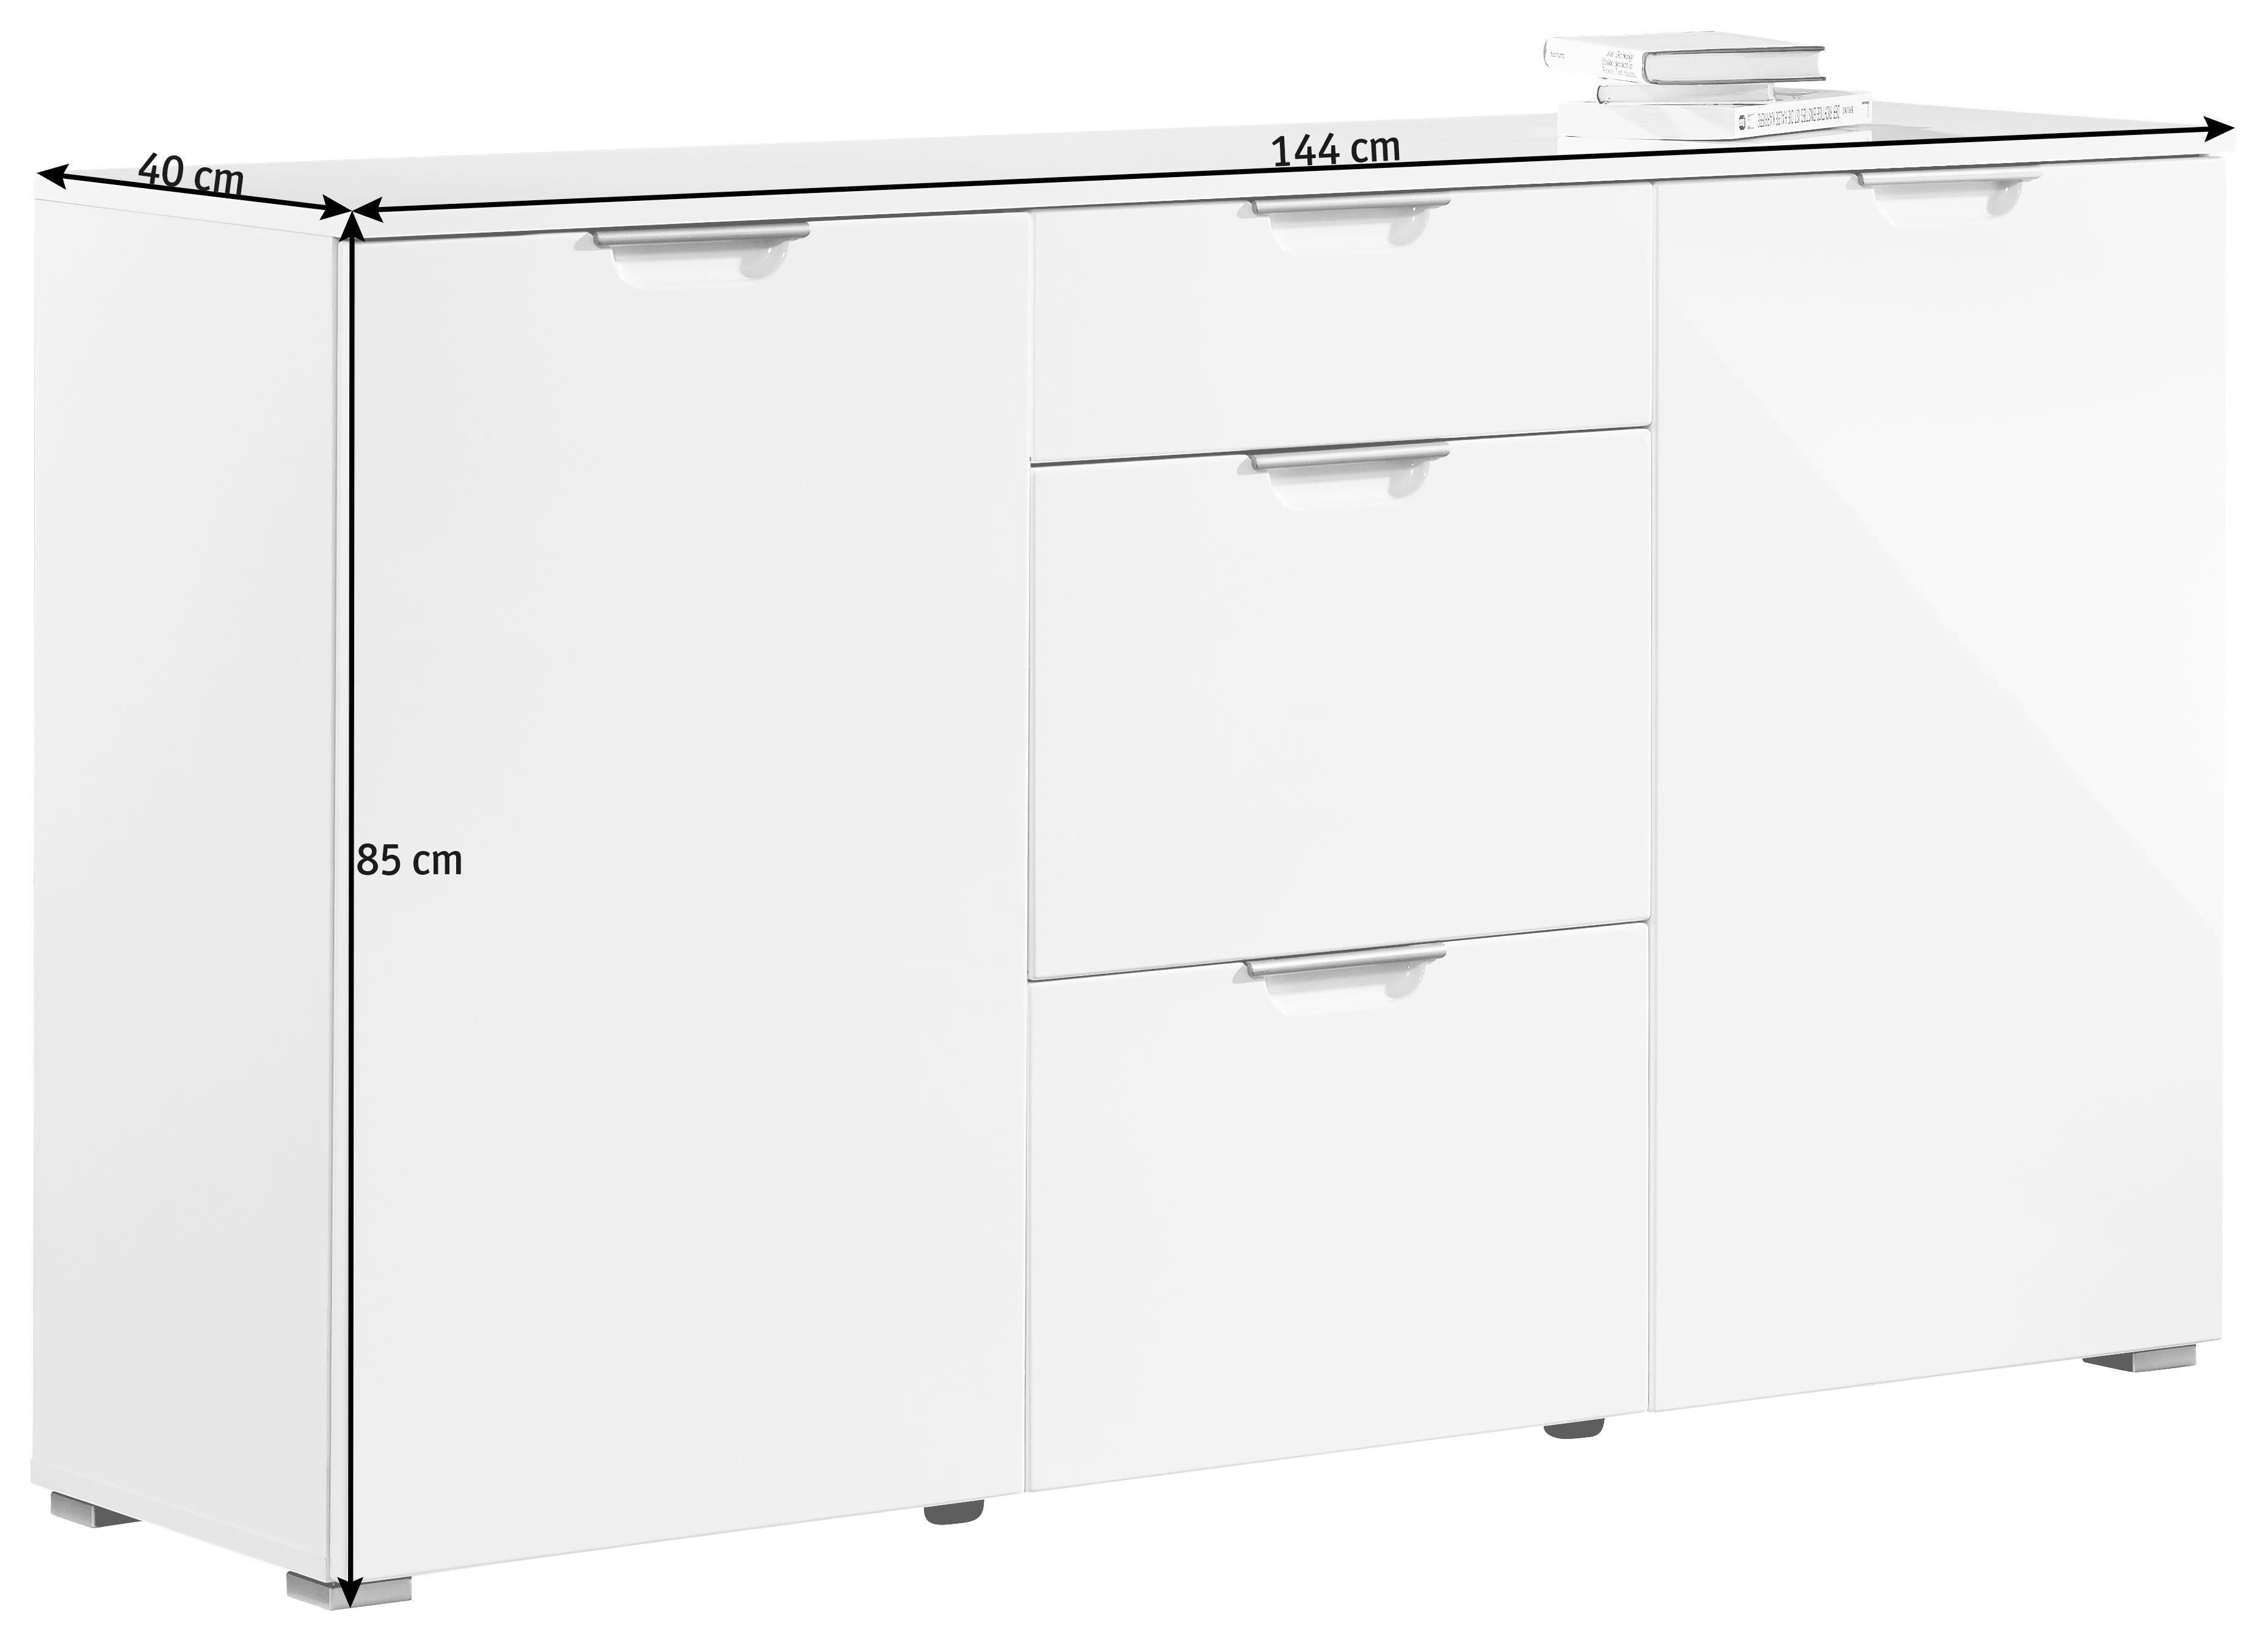 KOMMODE Weiß - Alufarben/Weiß, Design, Holz/Kunststoff (144/85/40cm) - XORA